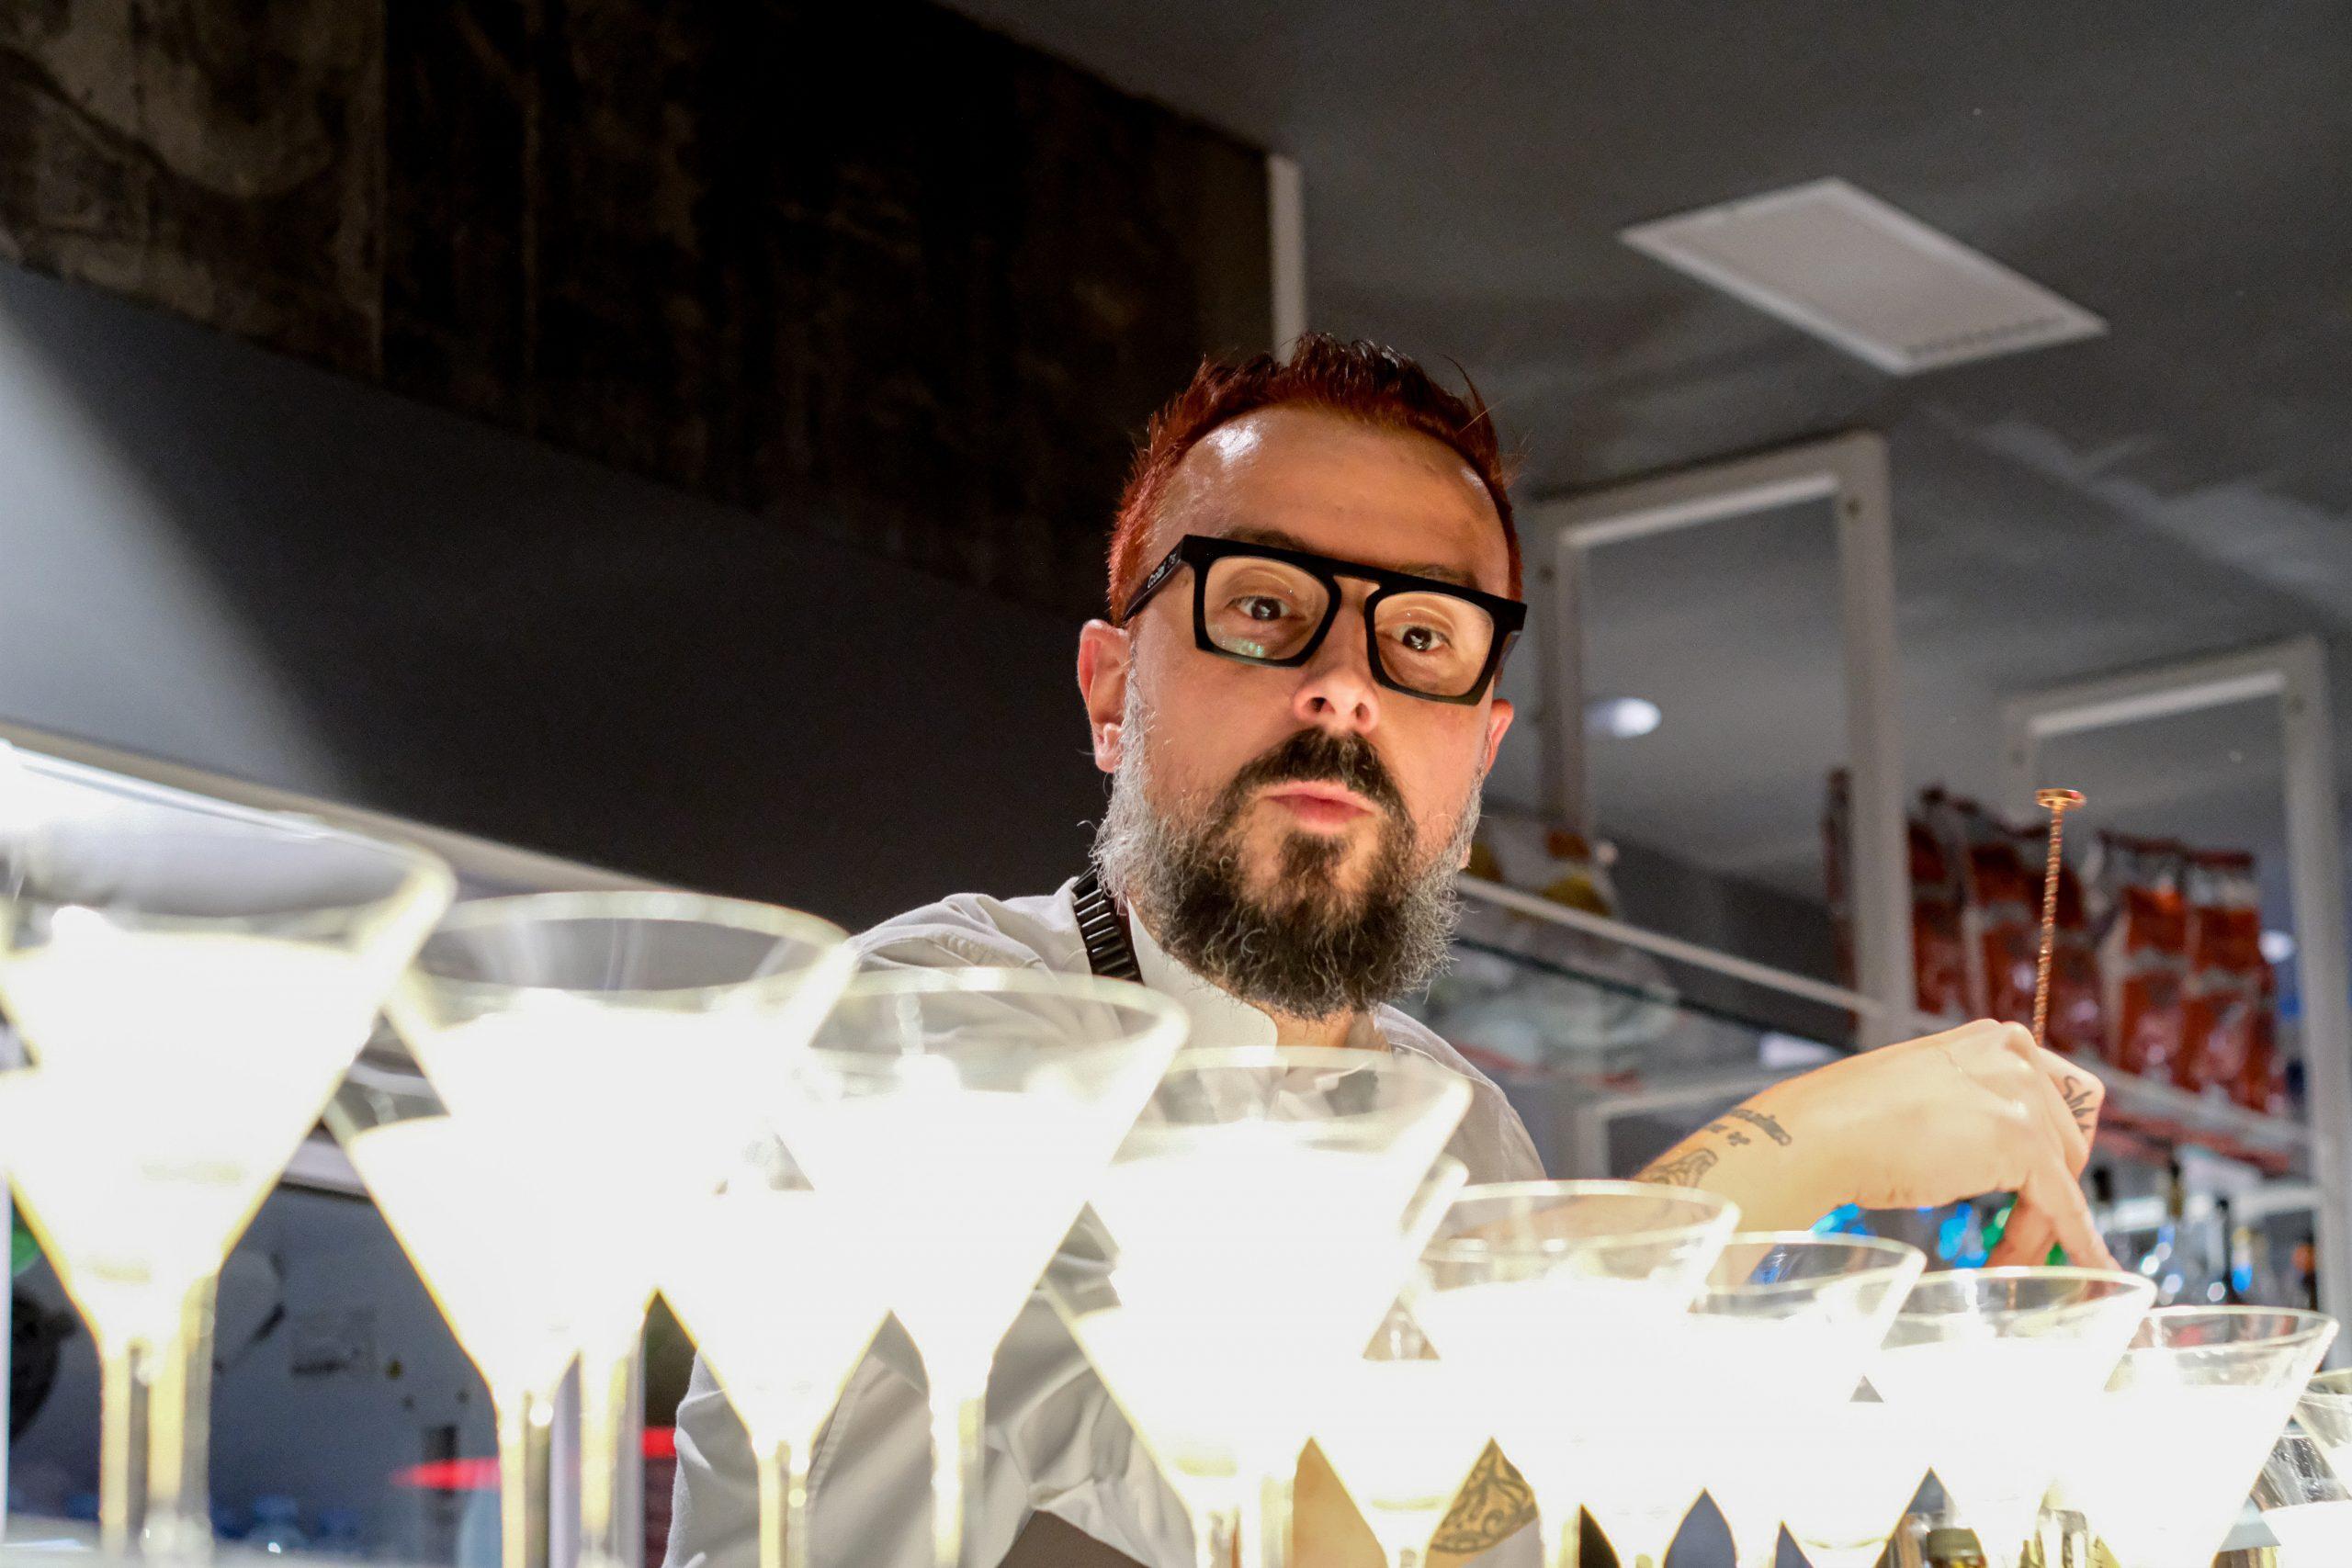 Oscar Q, il bartender pianista che smonta le mode arriva a Riccione